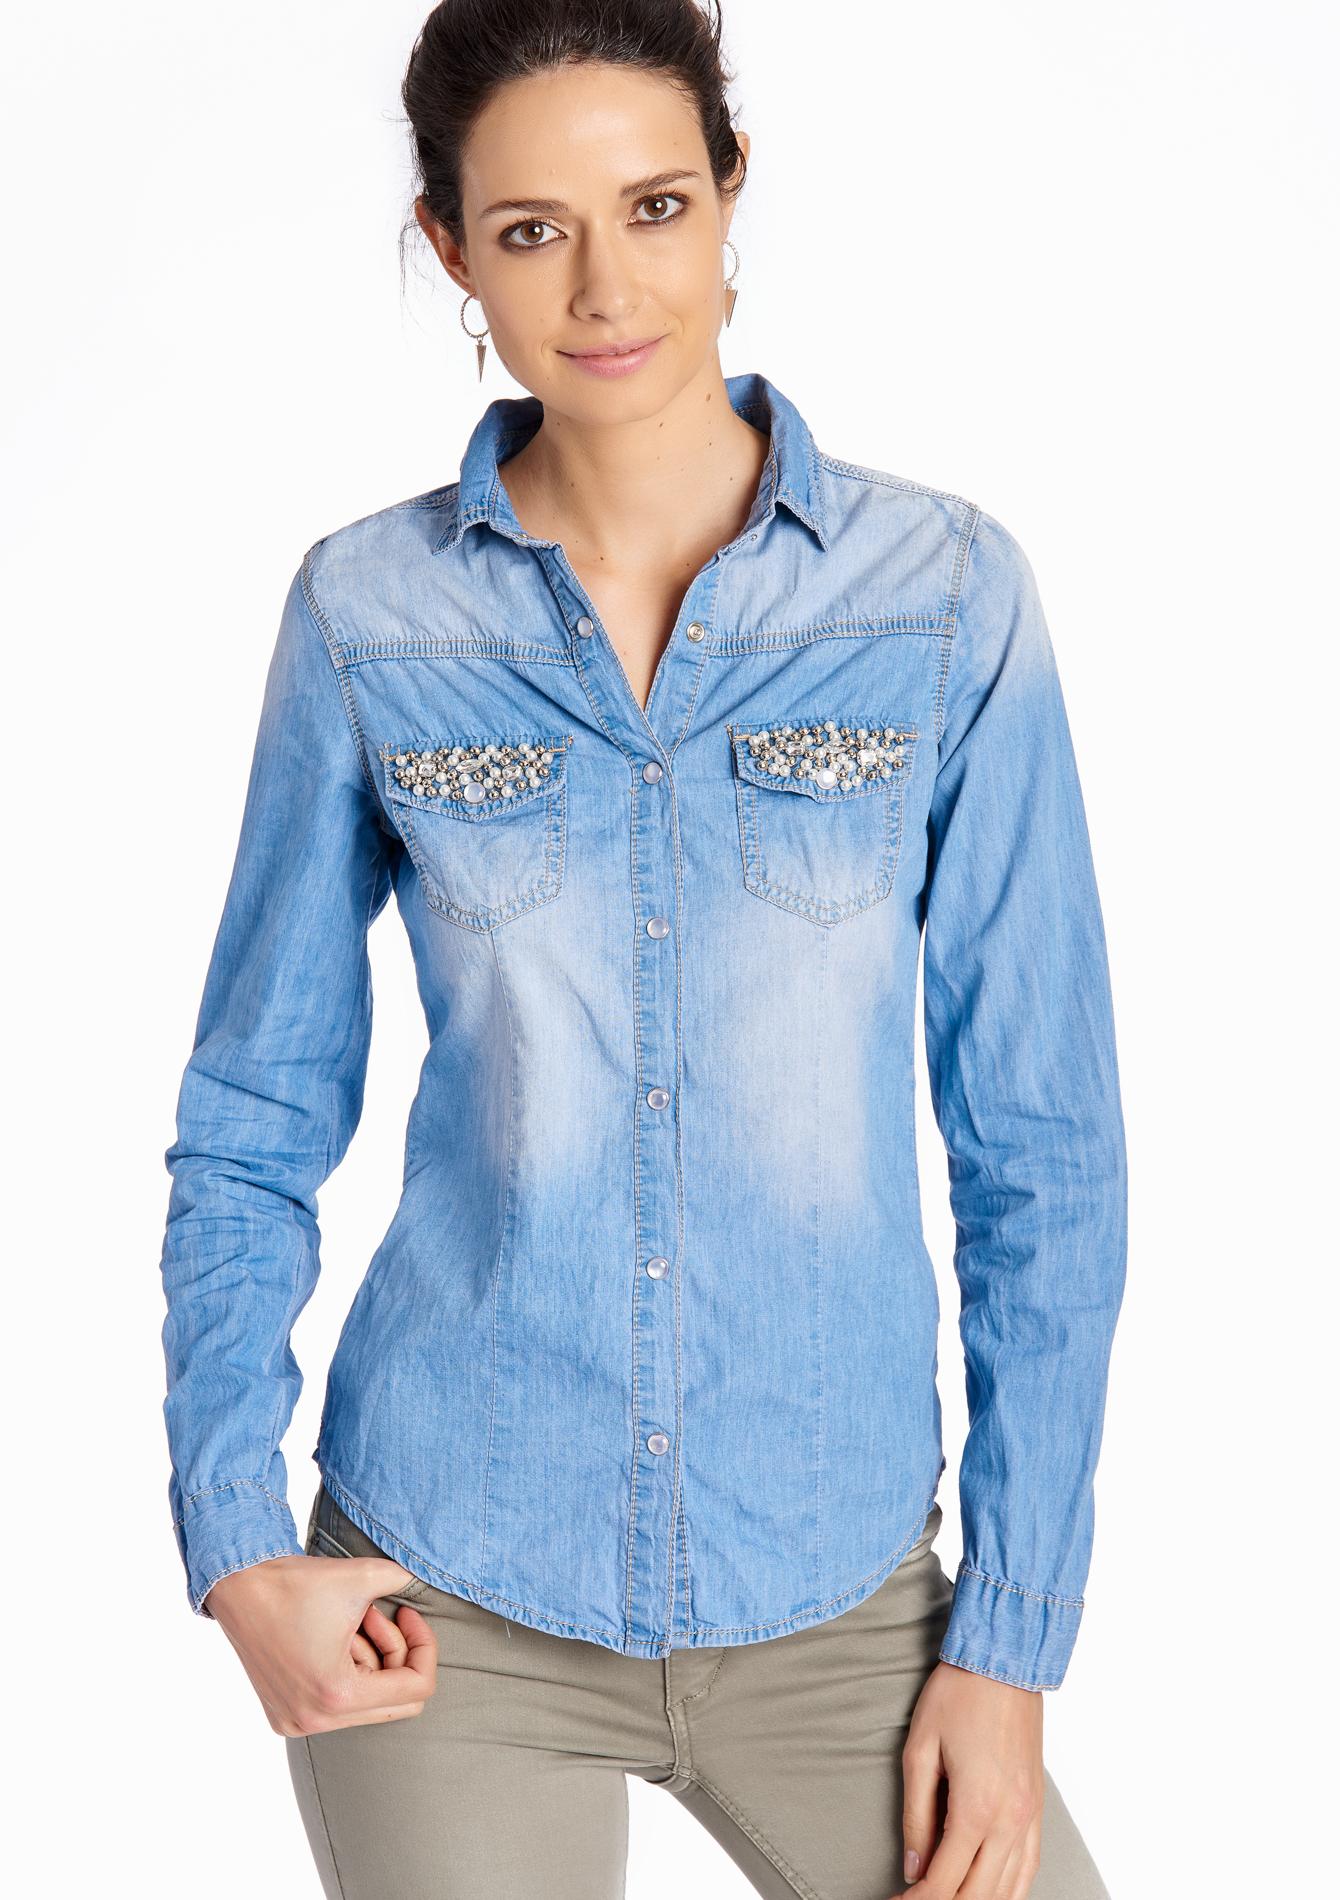 Jeans hemd met strass lolaliza for Jeanshemd lang